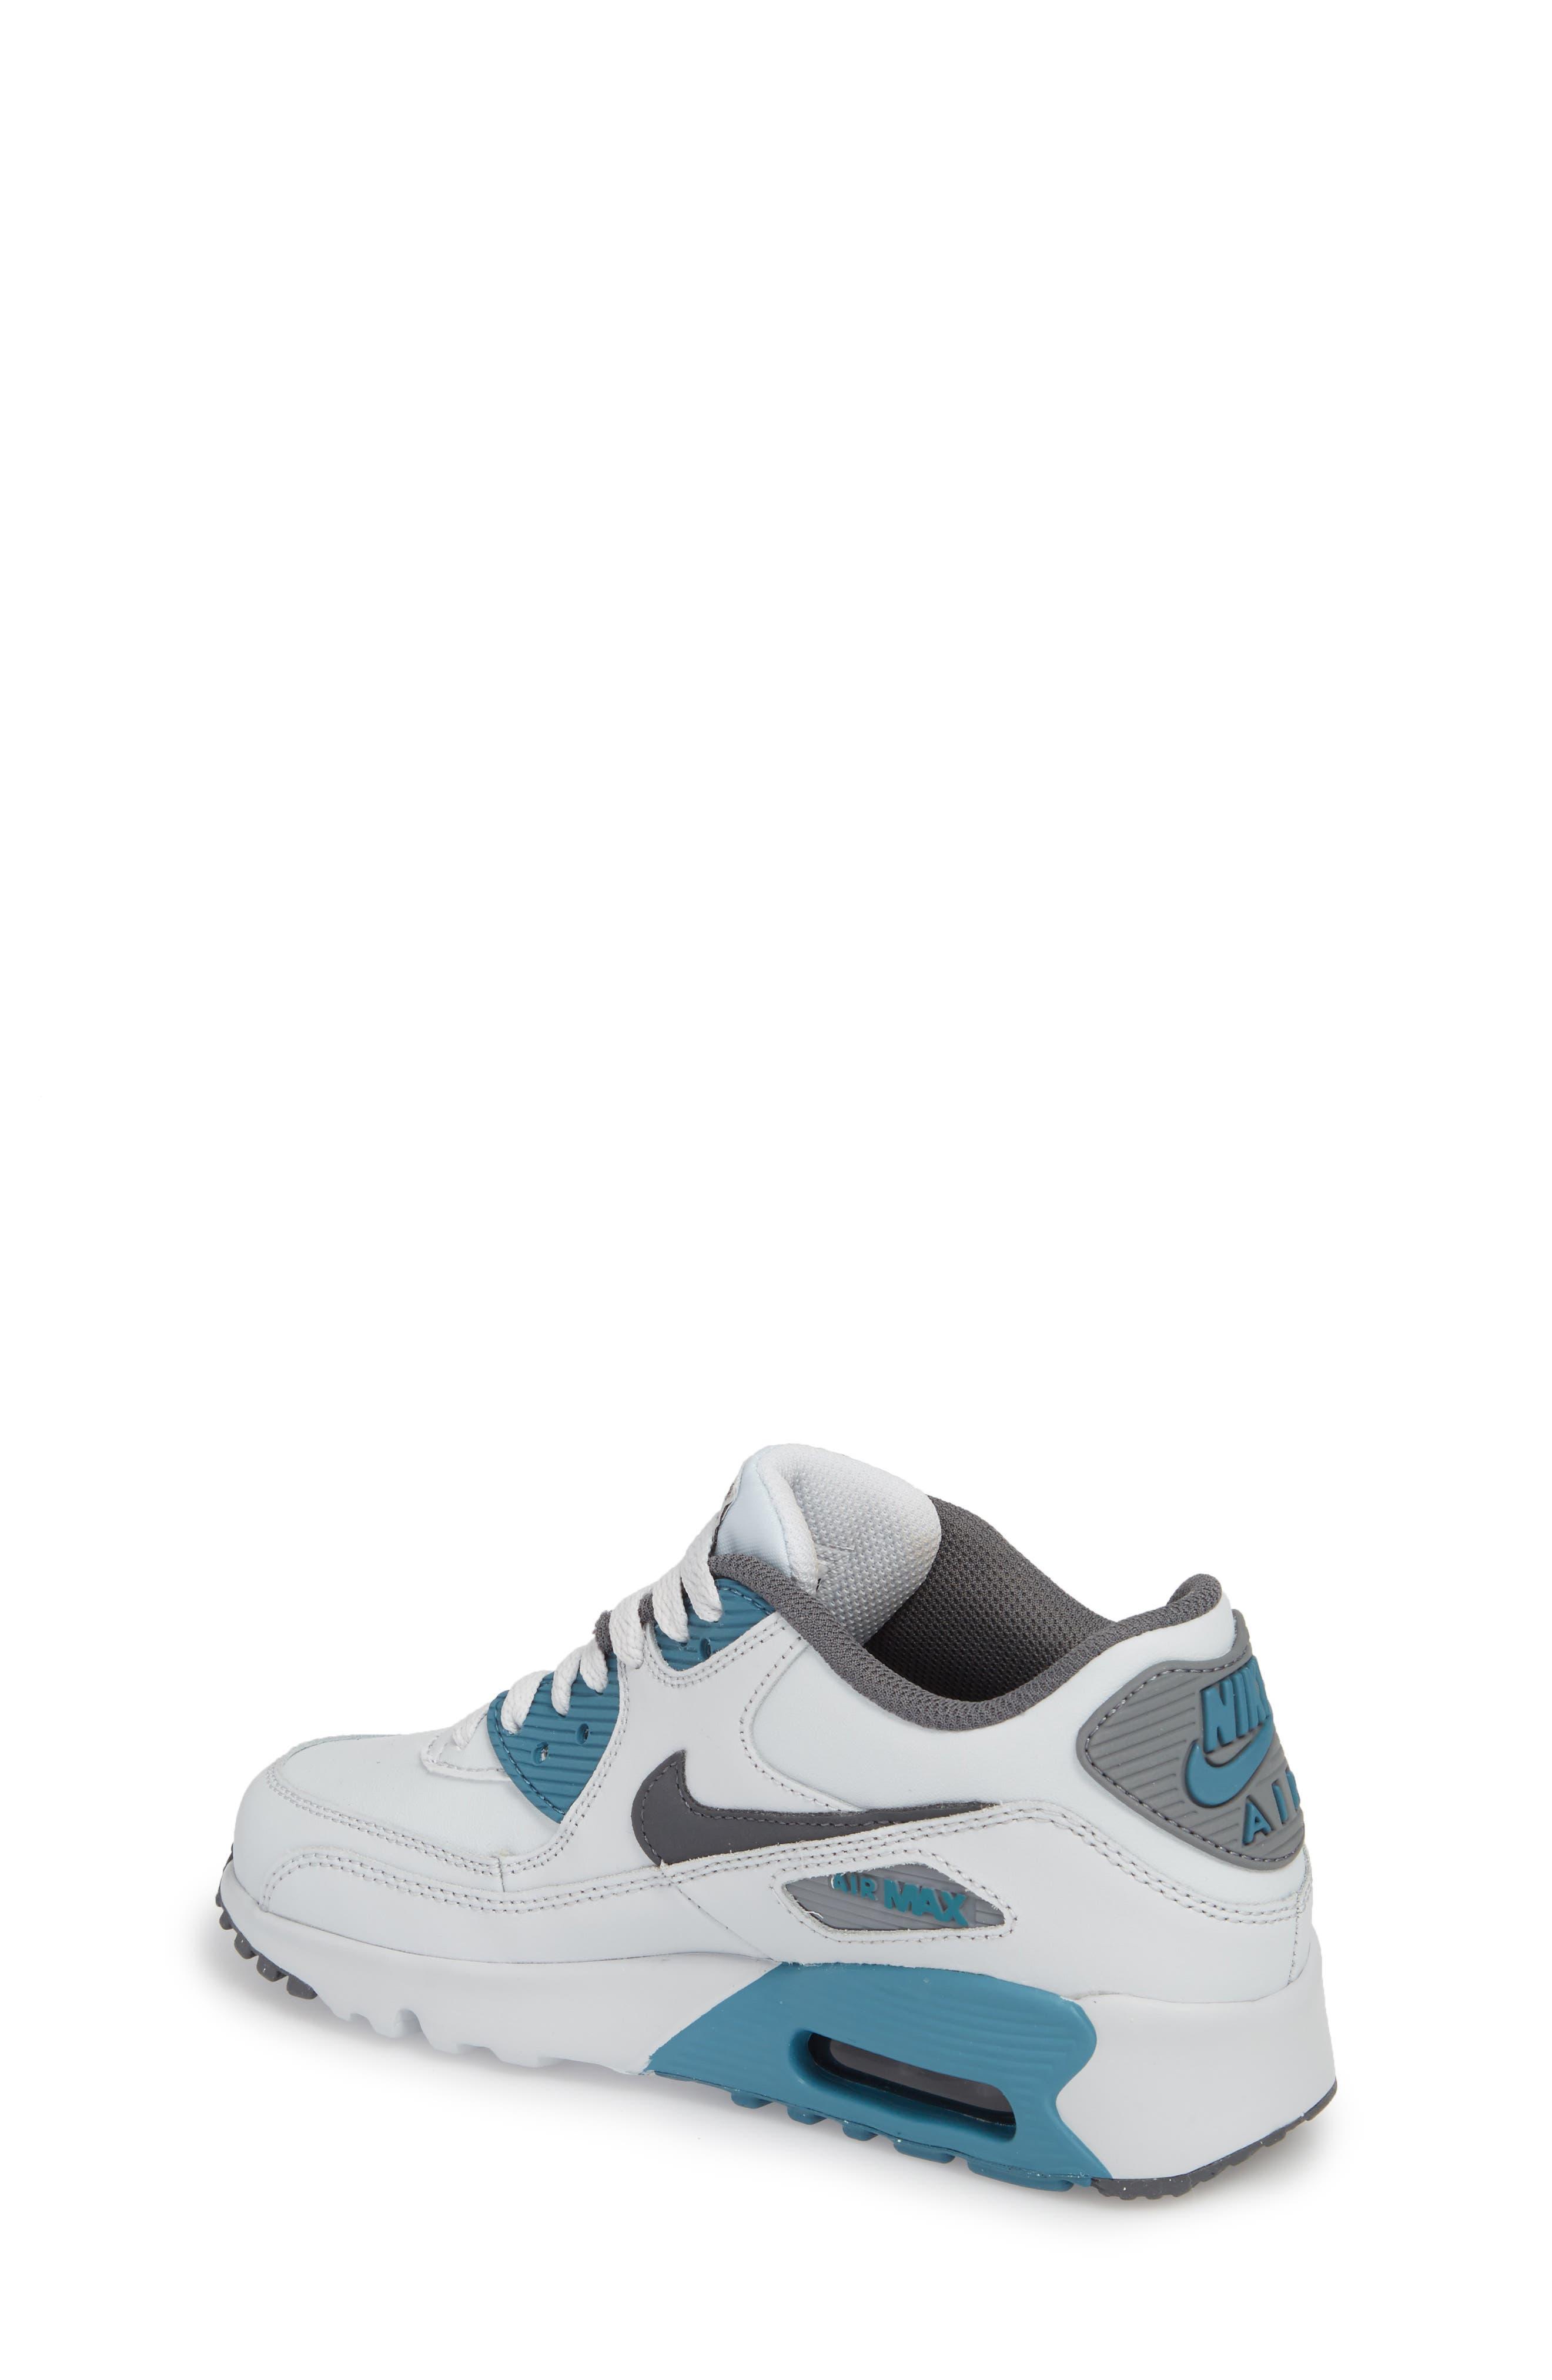 Air Max 90 Sneaker,                             Alternate thumbnail 2, color,                             040